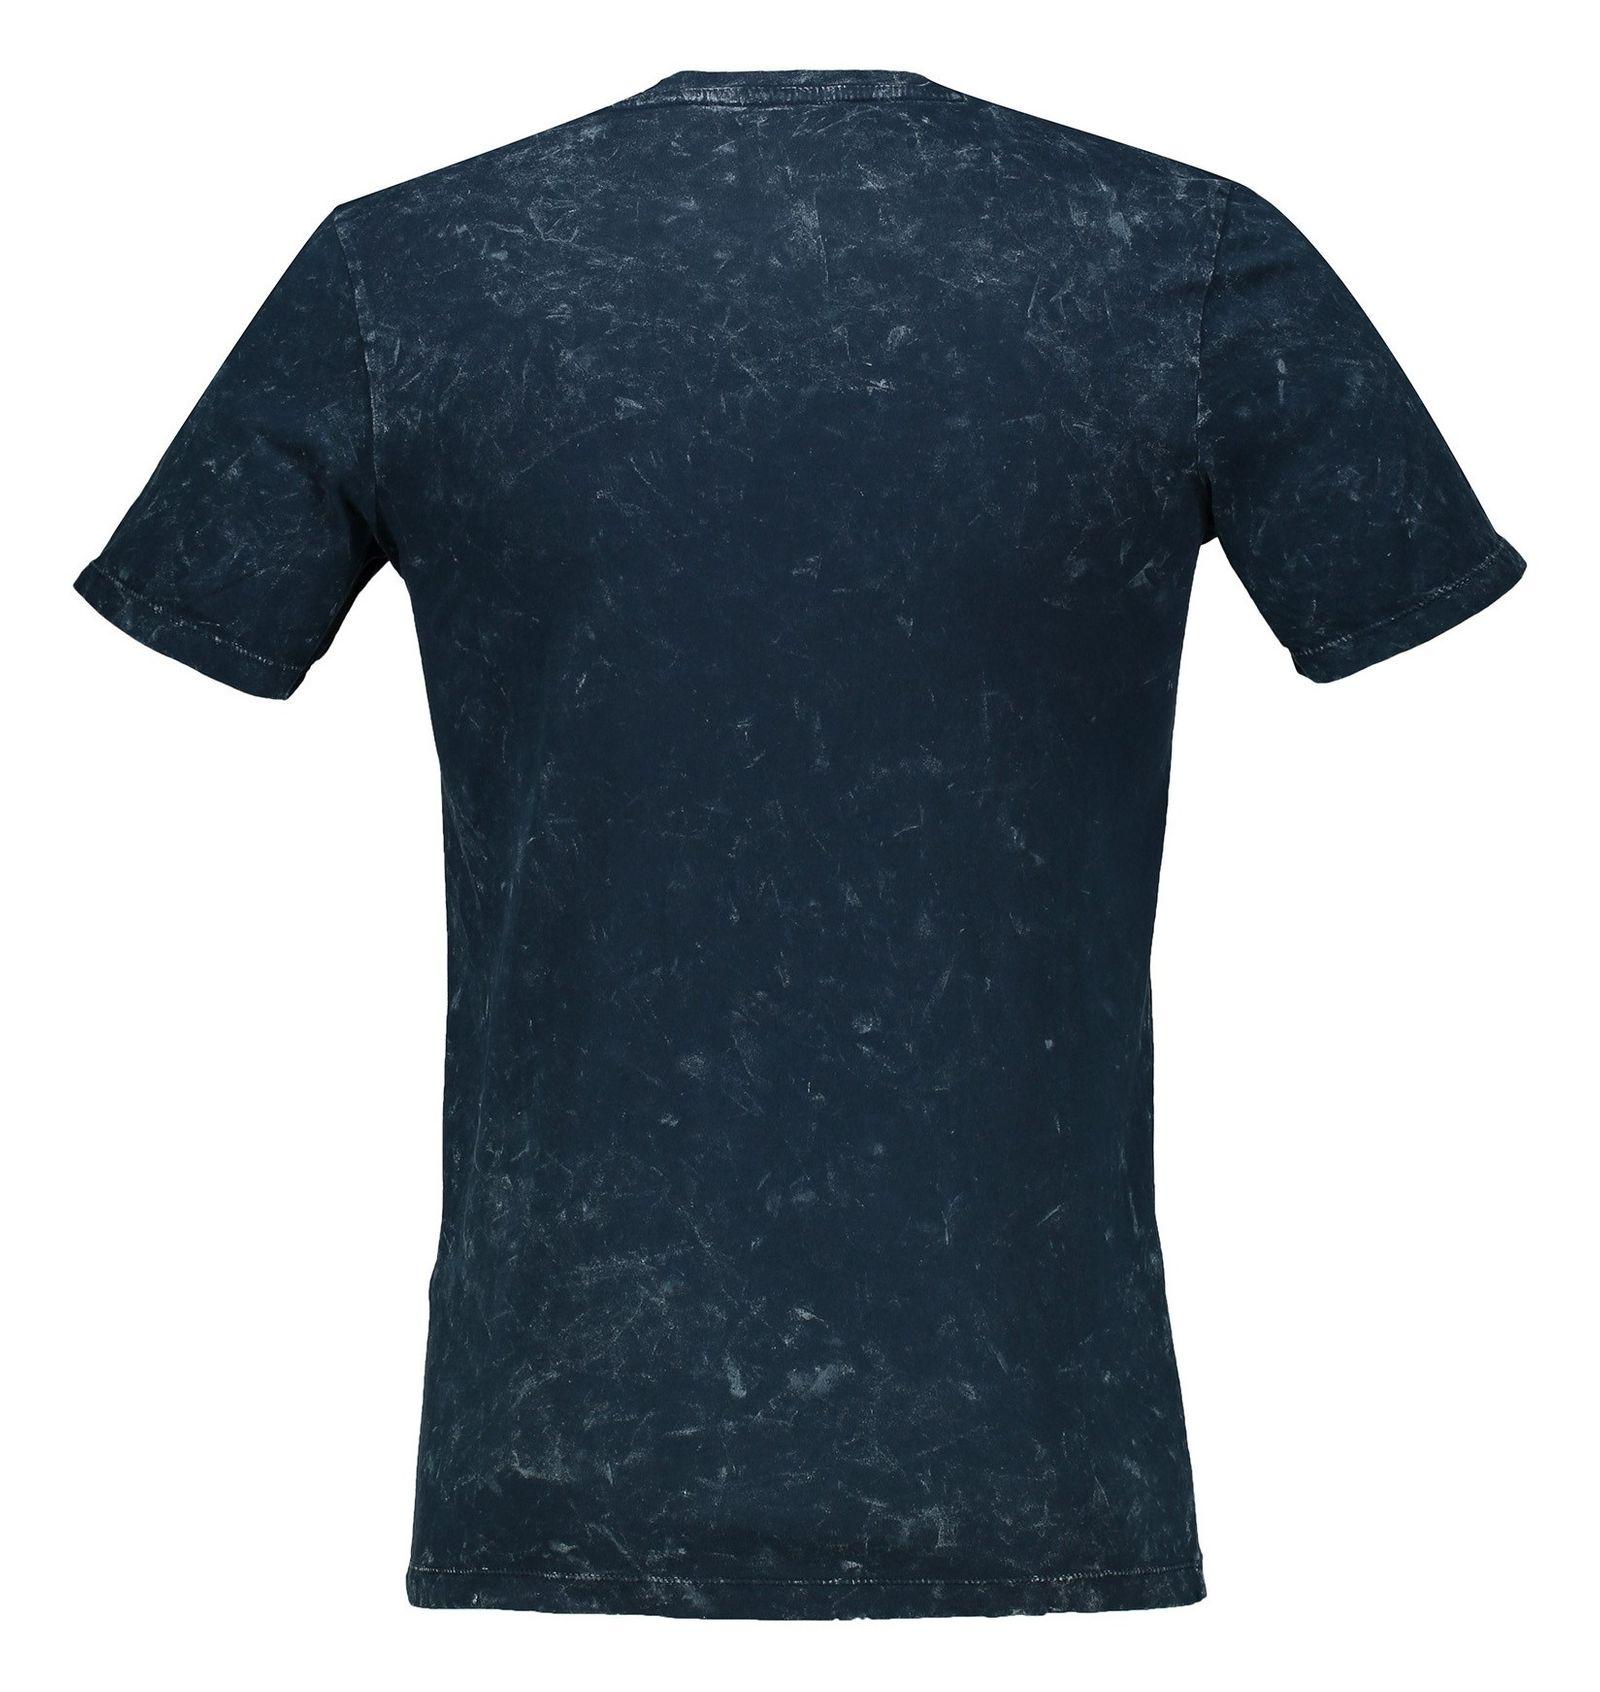 تی شرت نخی یقه گرد مردانه - جک اند جونز - آبي تيره - 2